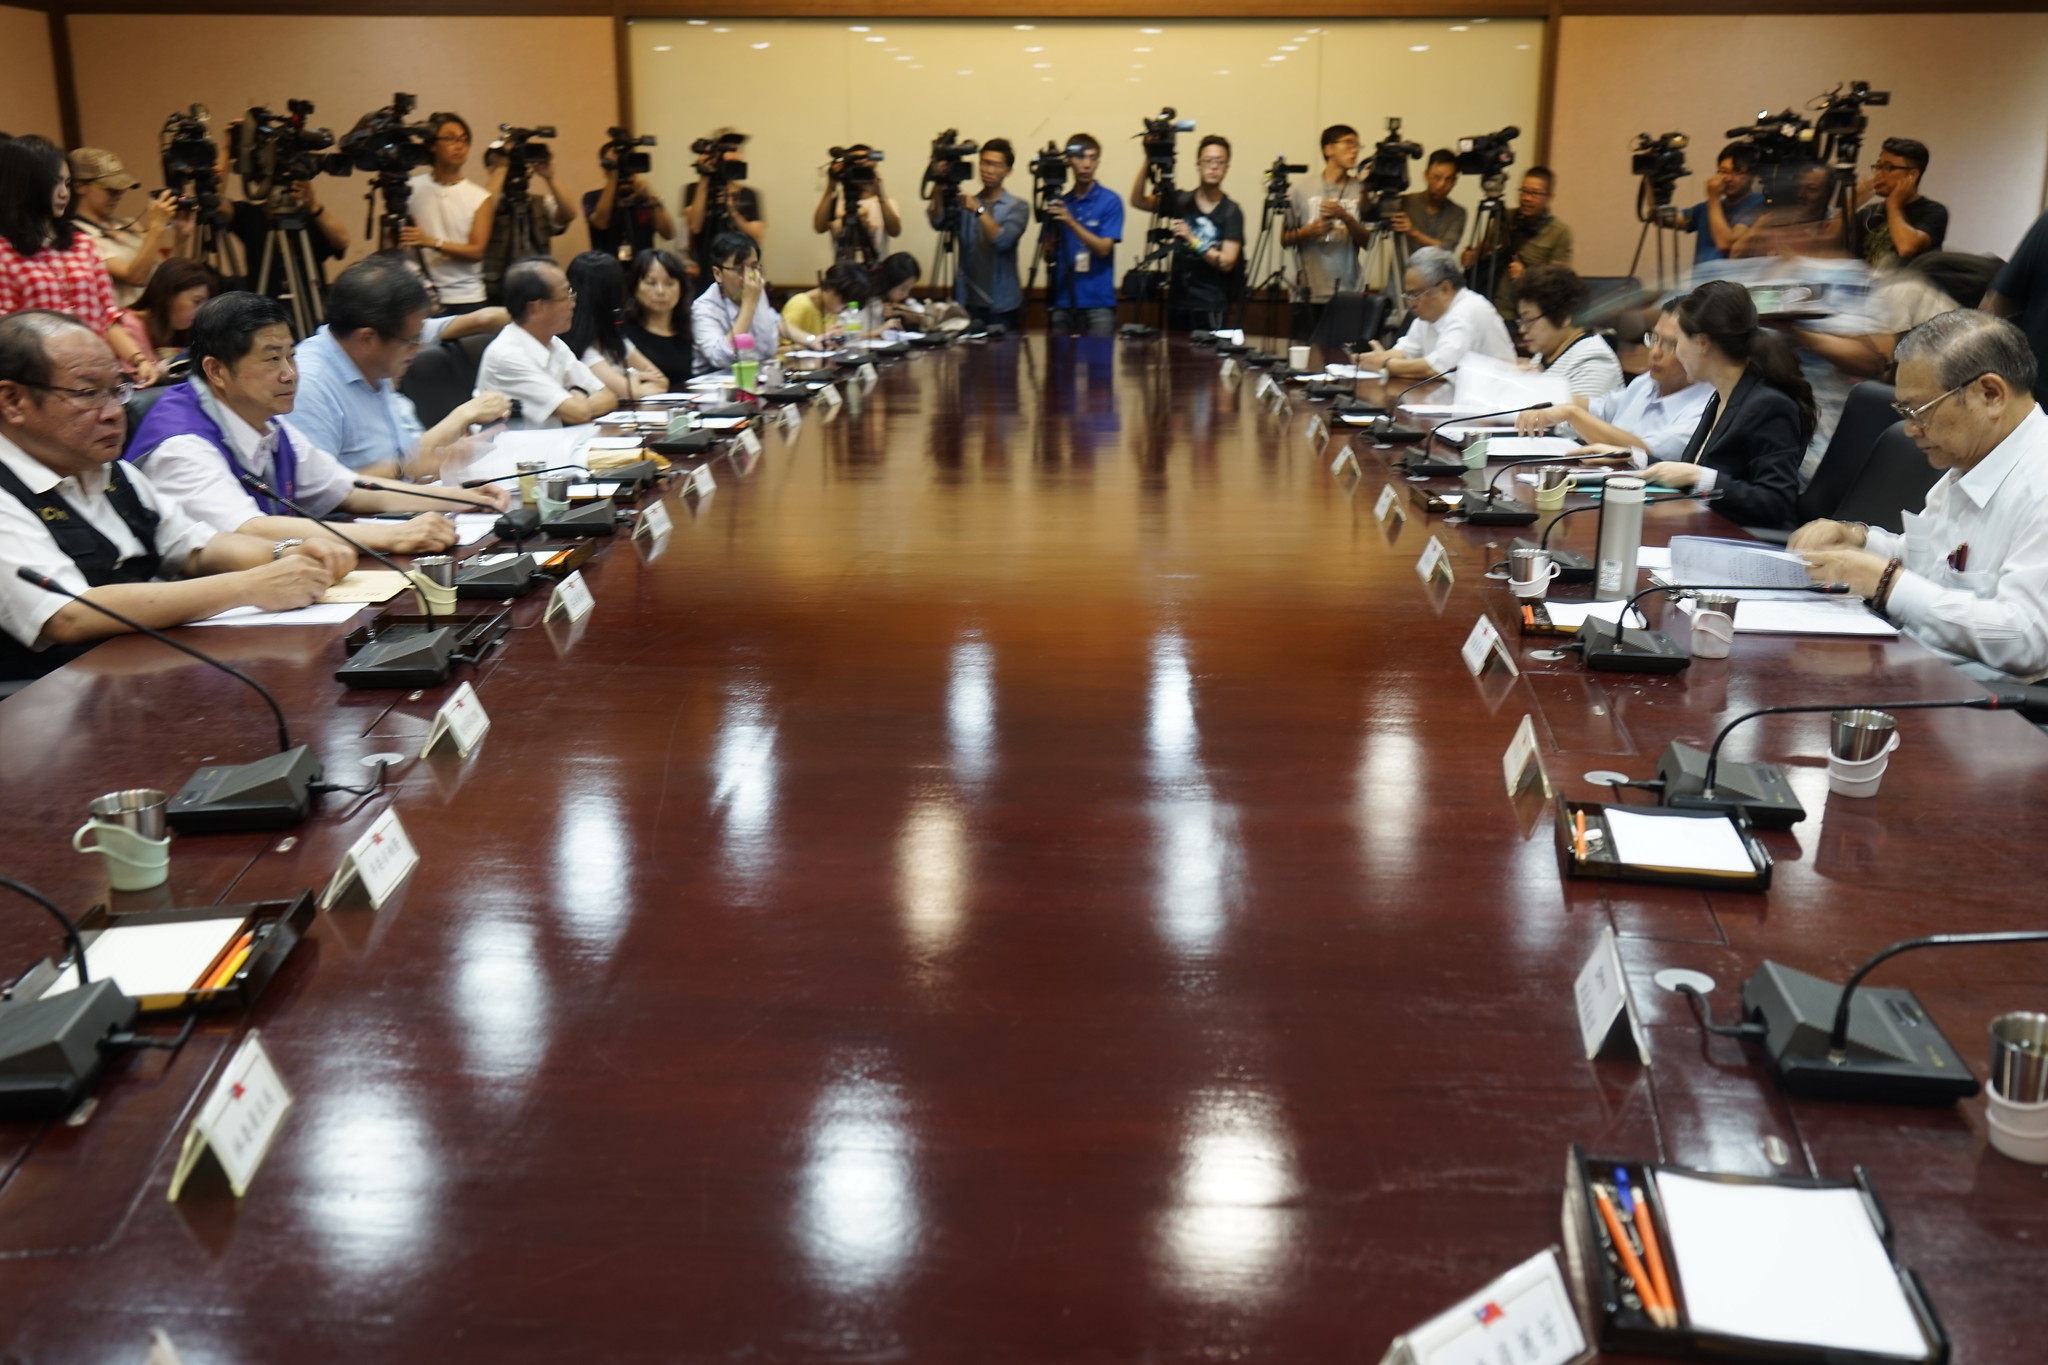 劳资代表坐上谈判桌,针对基本工资调幅大战七小时。(摄影:张宗坤)